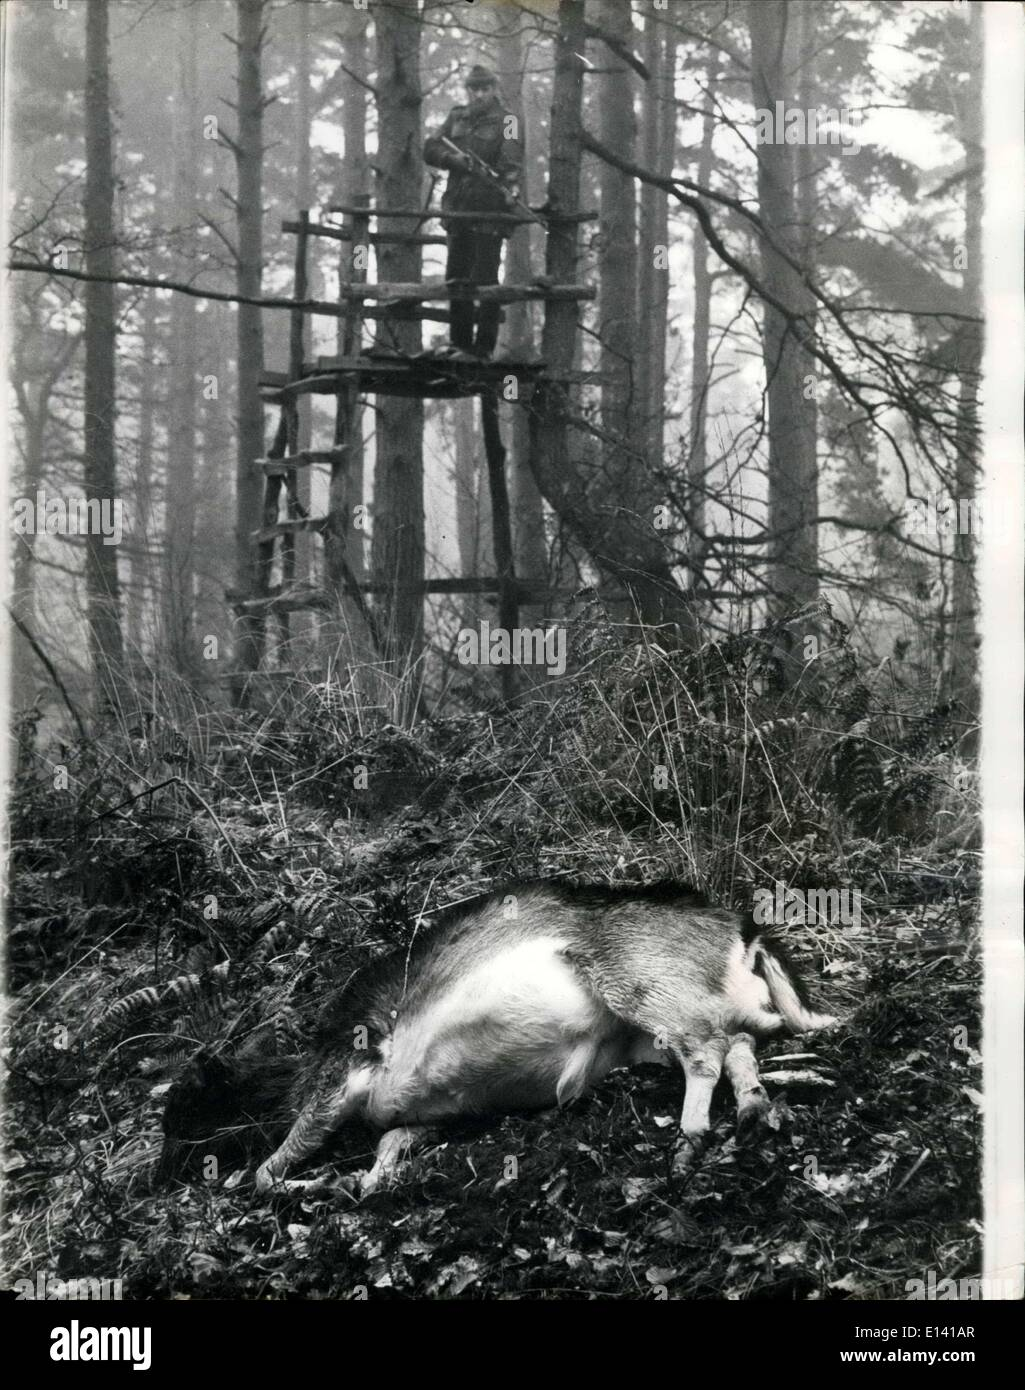 31. März 2012 - musste das Reh, das sterben: Die harte Hirsche im New Forest müssen jedes Jahr in ihrem eigenen Interesse verdünnt werden. Und der Tod kommt schnell, menschlich. Eigentlich war der Hirsch in die Bilder ein Opfer seiner eigenen Torheit. Er wurde erschossen, Schönheiten, die er junge Bäume und der Rest der schwer zerstörte von folgenden Anzug abgeraten werden musste. In der Regel nur die gamed kranke oder schwache Mitglieder der Herde werden getötet, wenn Herden spektakulär sind. Die Maksman war Fred Cartier, der Förster Kommission Spiel für England und Wales Stockbild